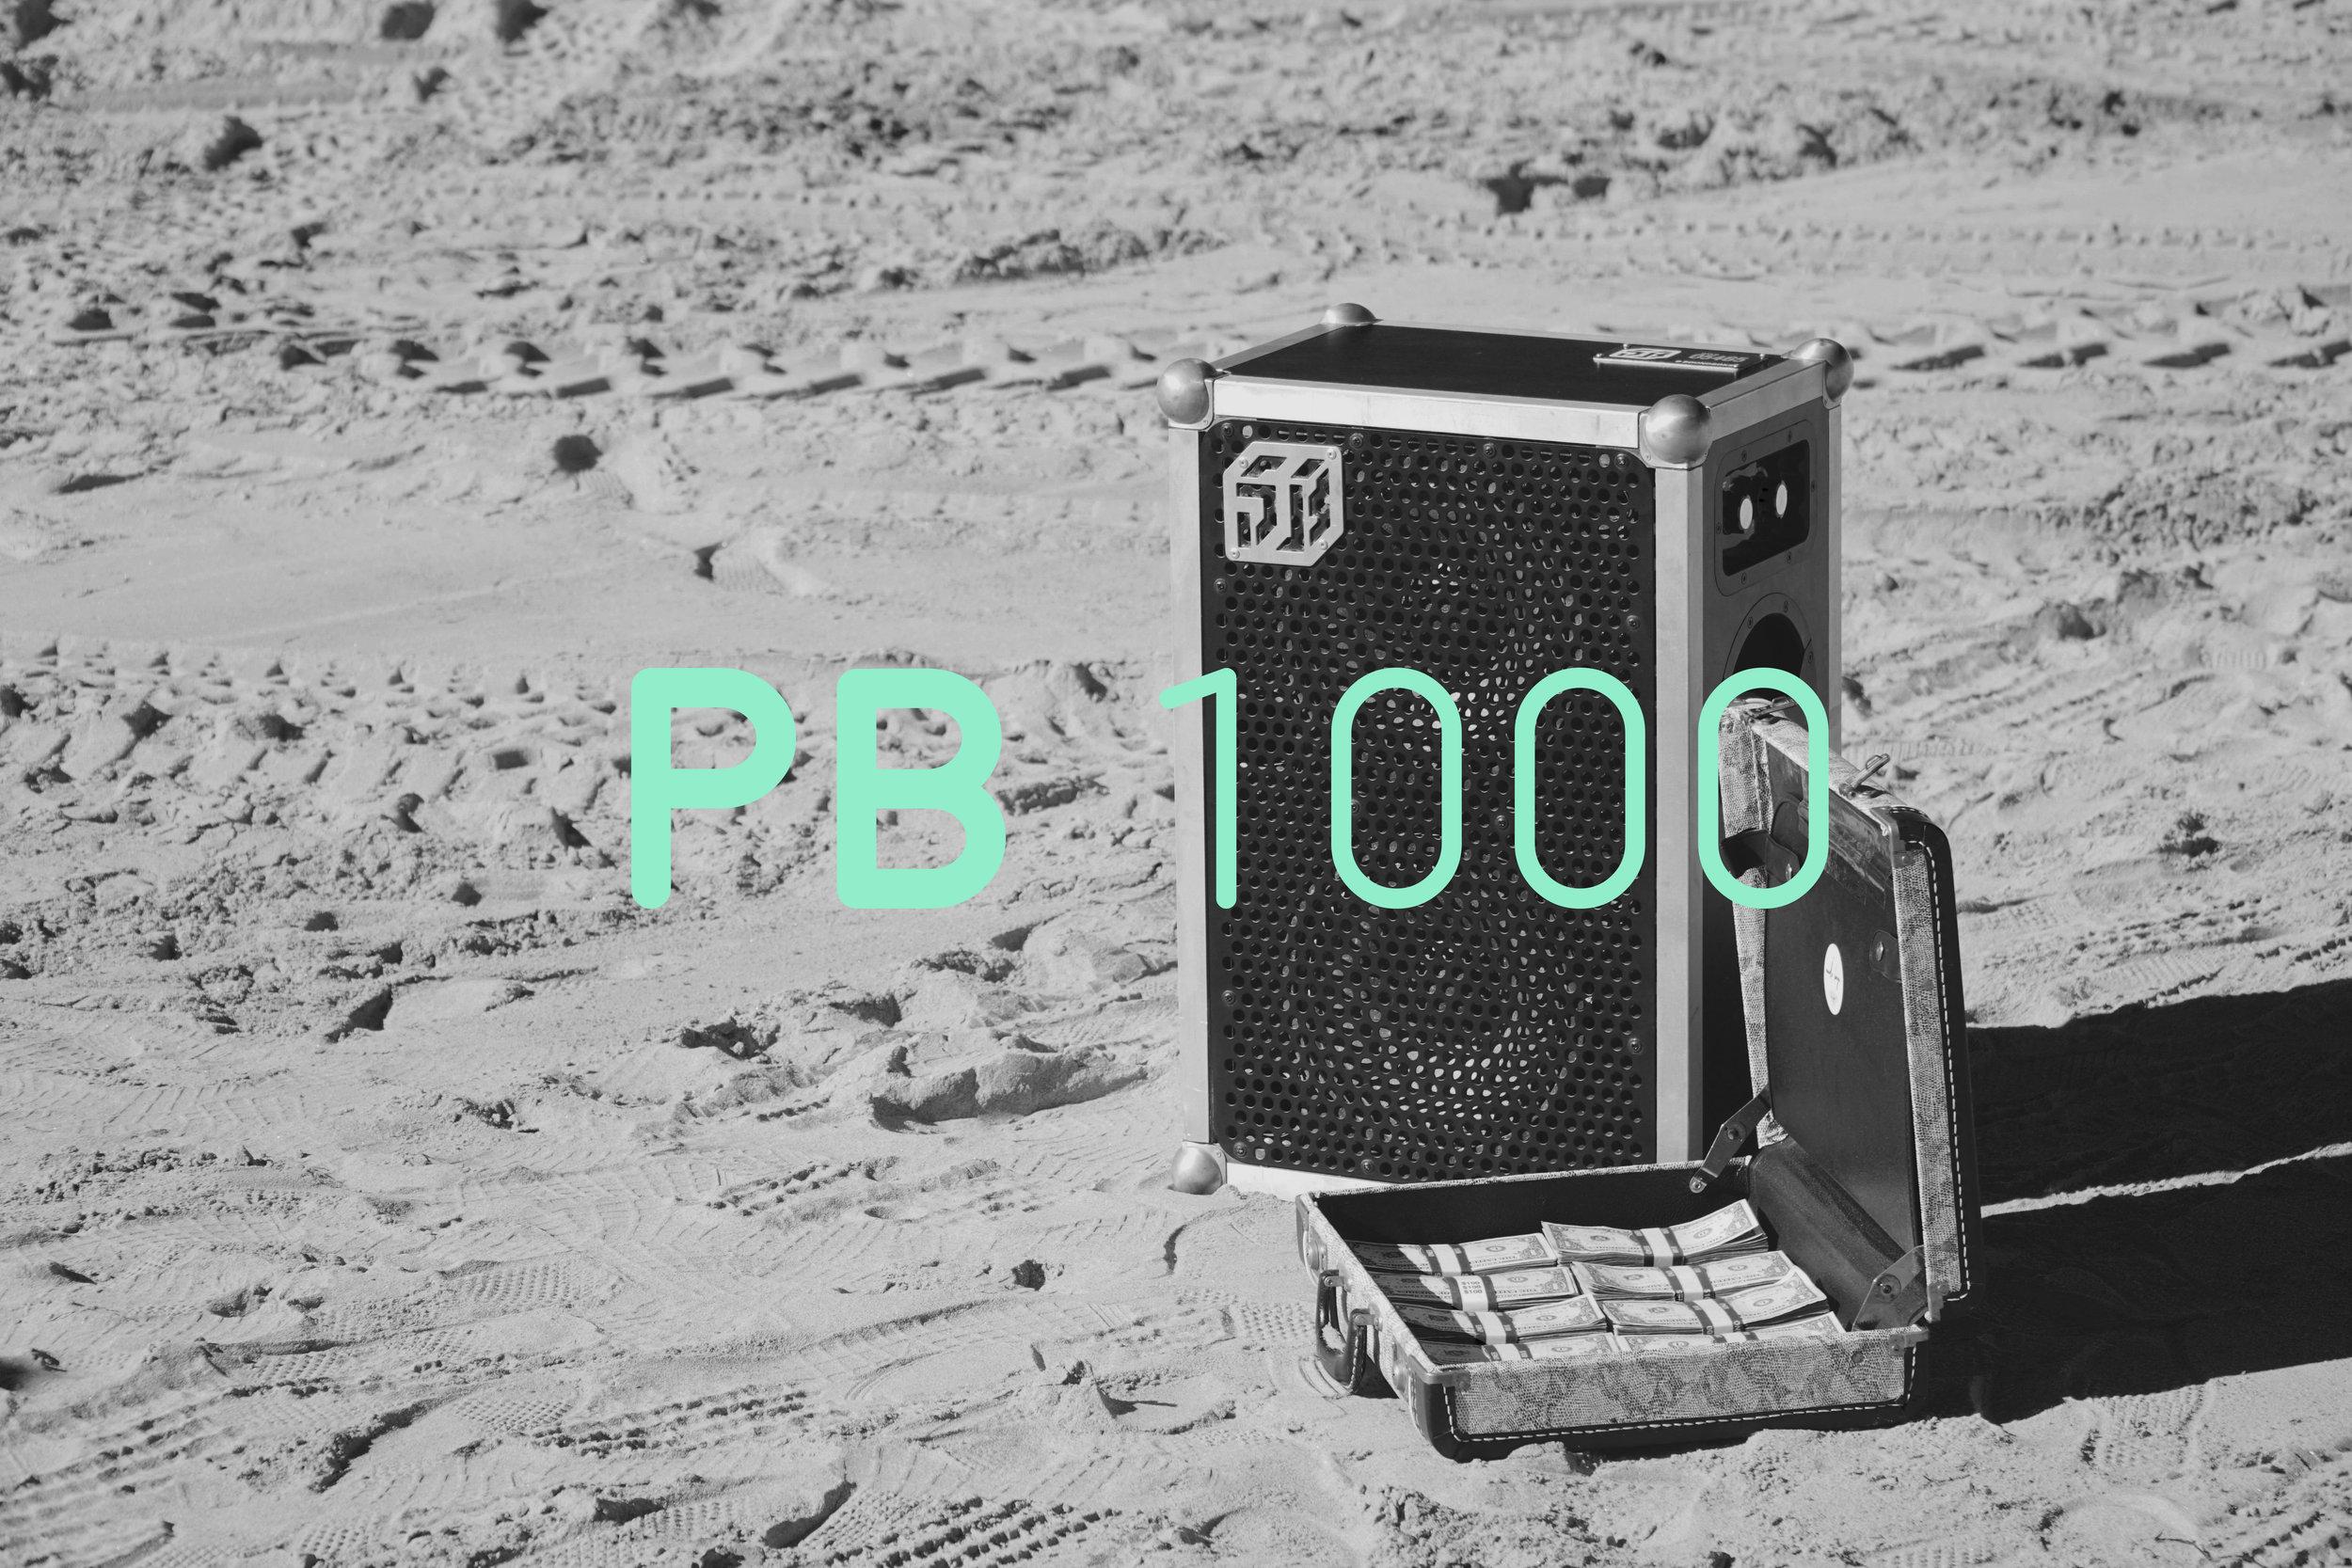 PB1000webclicker.jpg